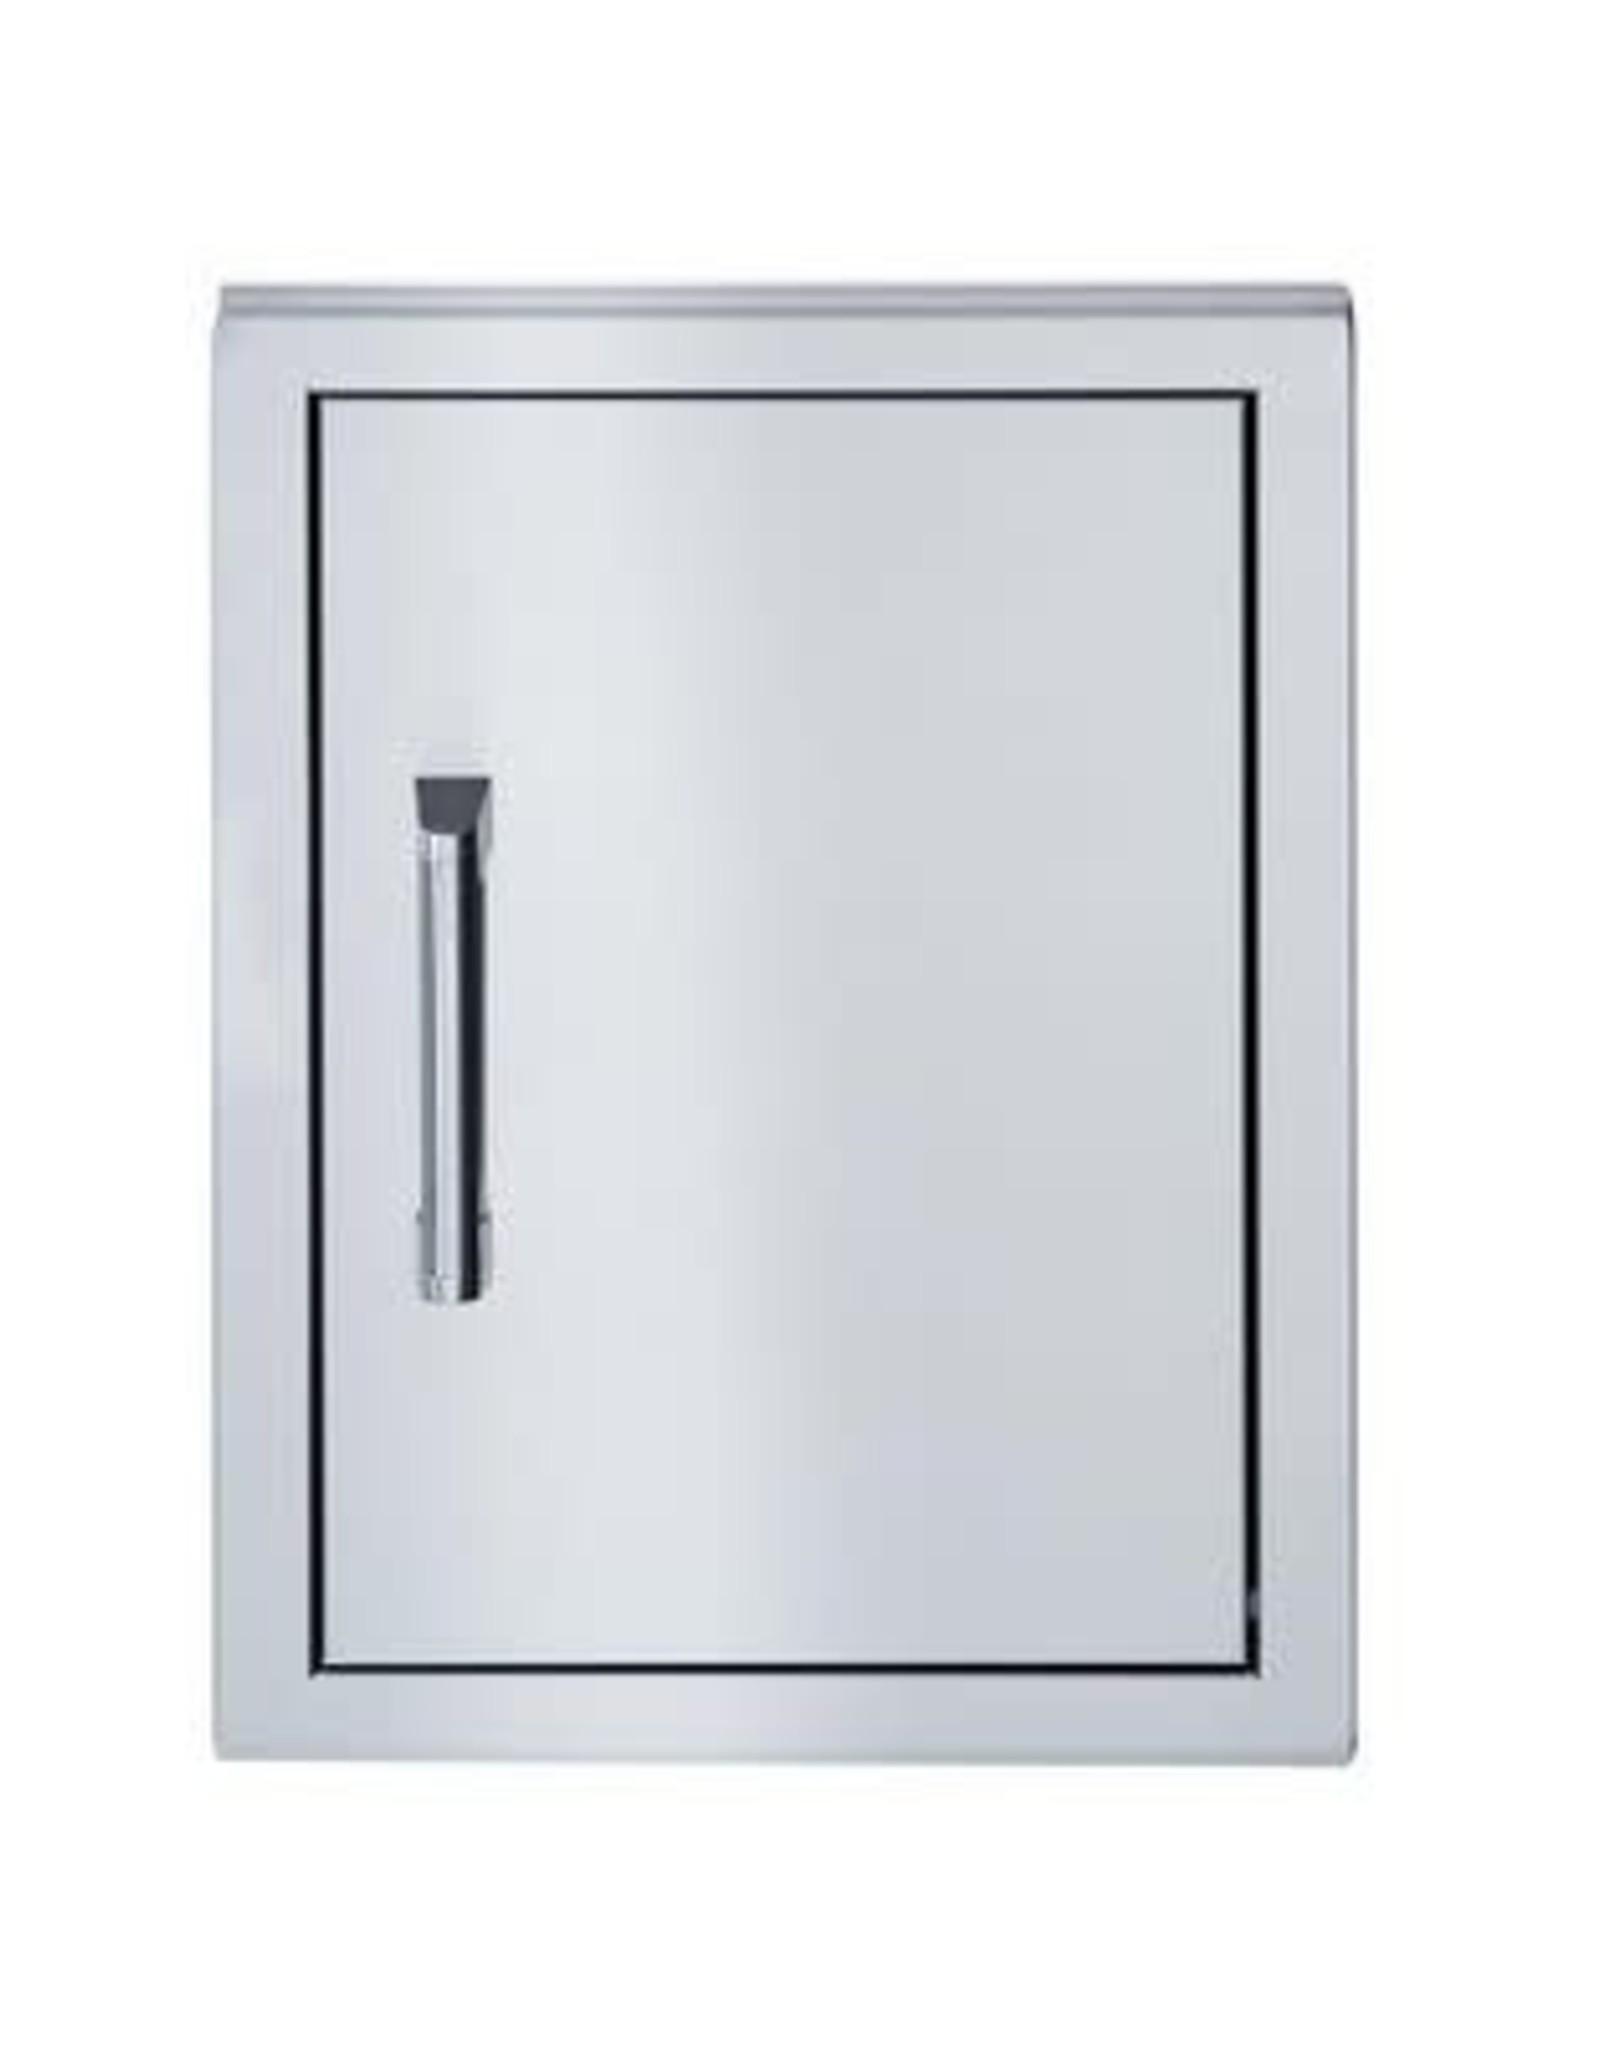 Broilmaster Broilmaster Single Door for Stainless Steel Gas Grills - BSAD1722